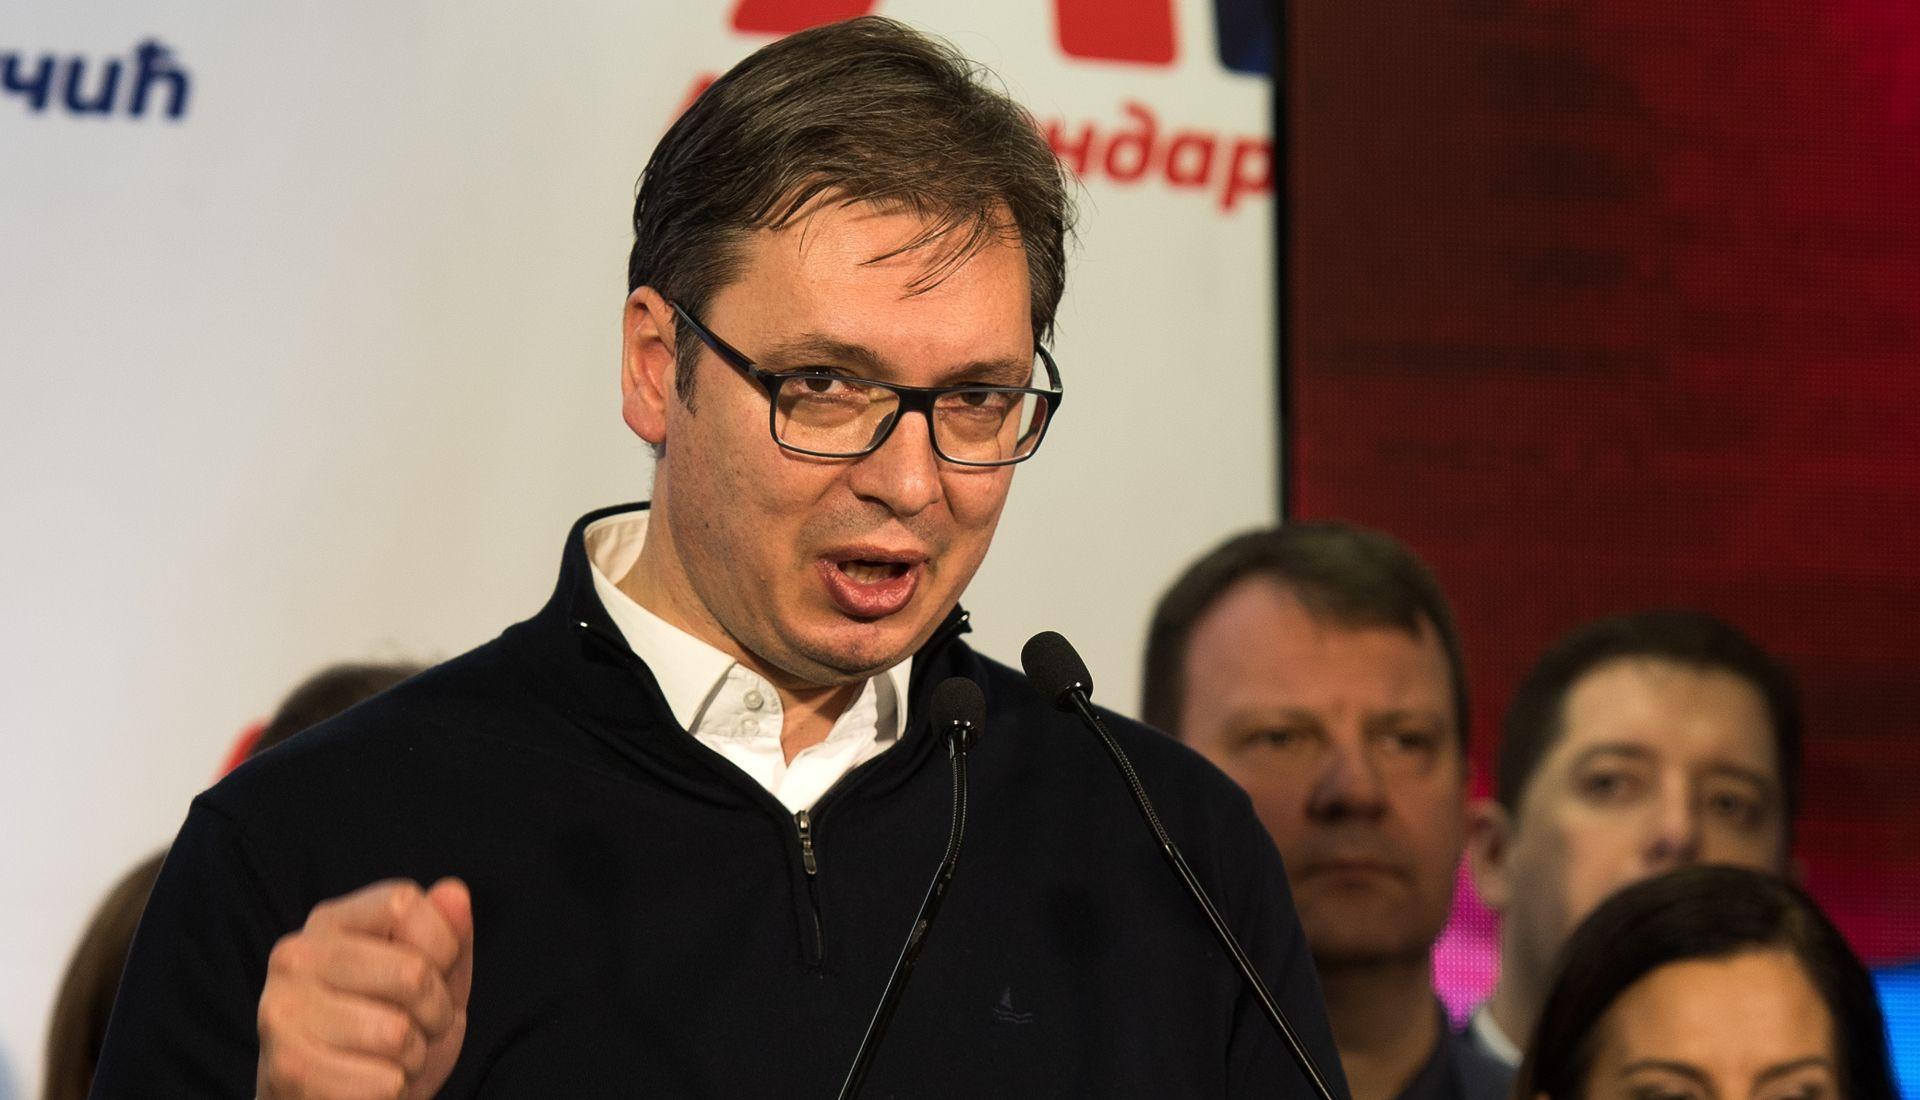 Mediji i javnost u Srbiji licitiraju o Vučićevu nasljedniku